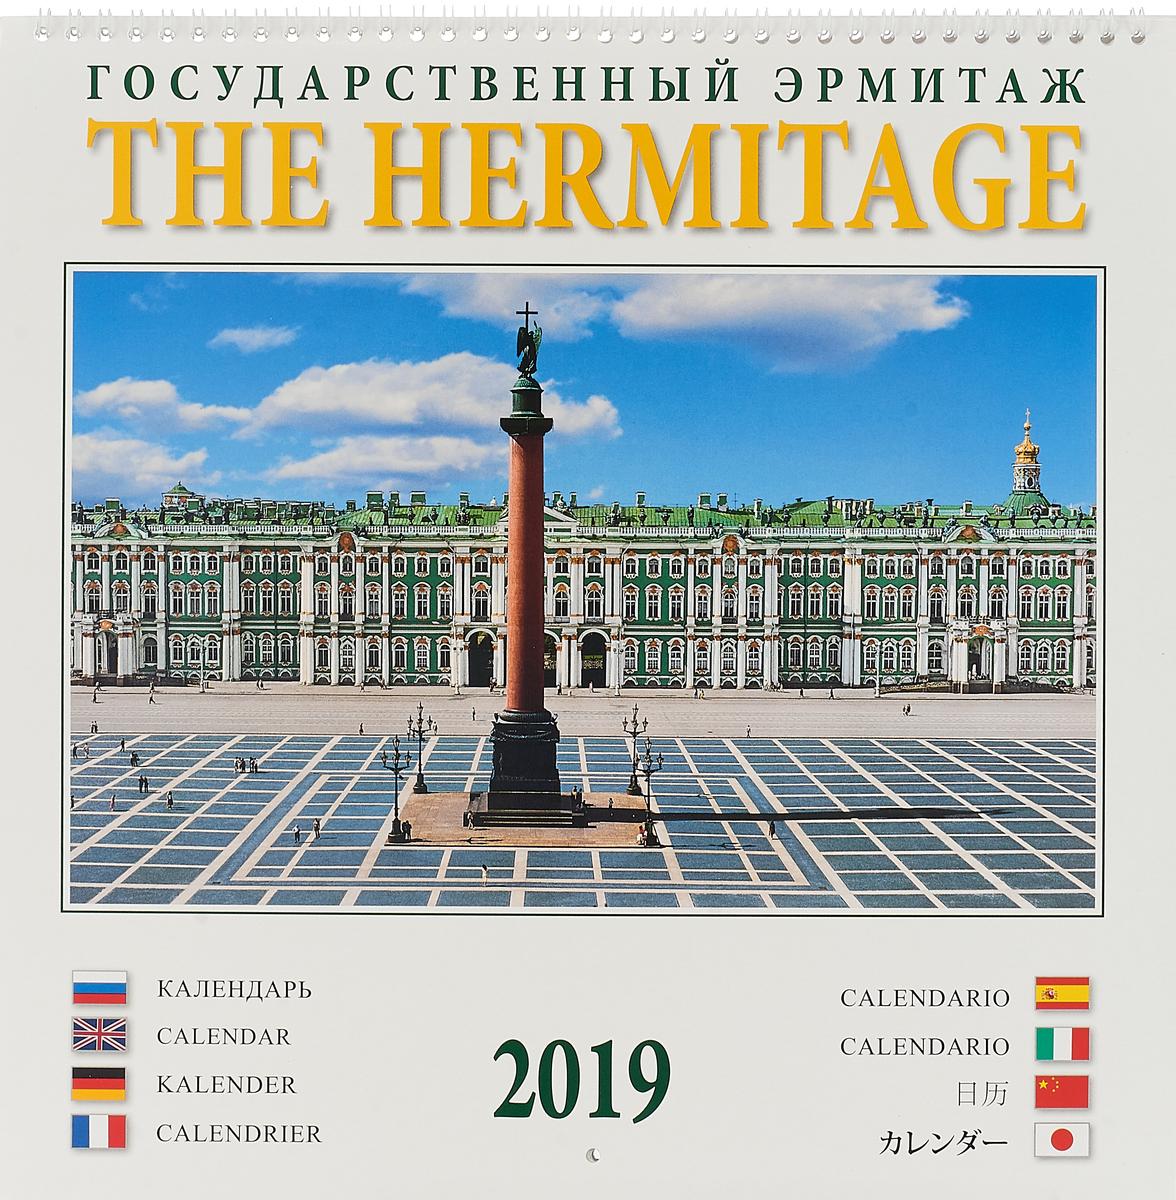 Календарь на спирали на 2019 год. Эрмитаж календарь на спирали на 2019 год русь православная